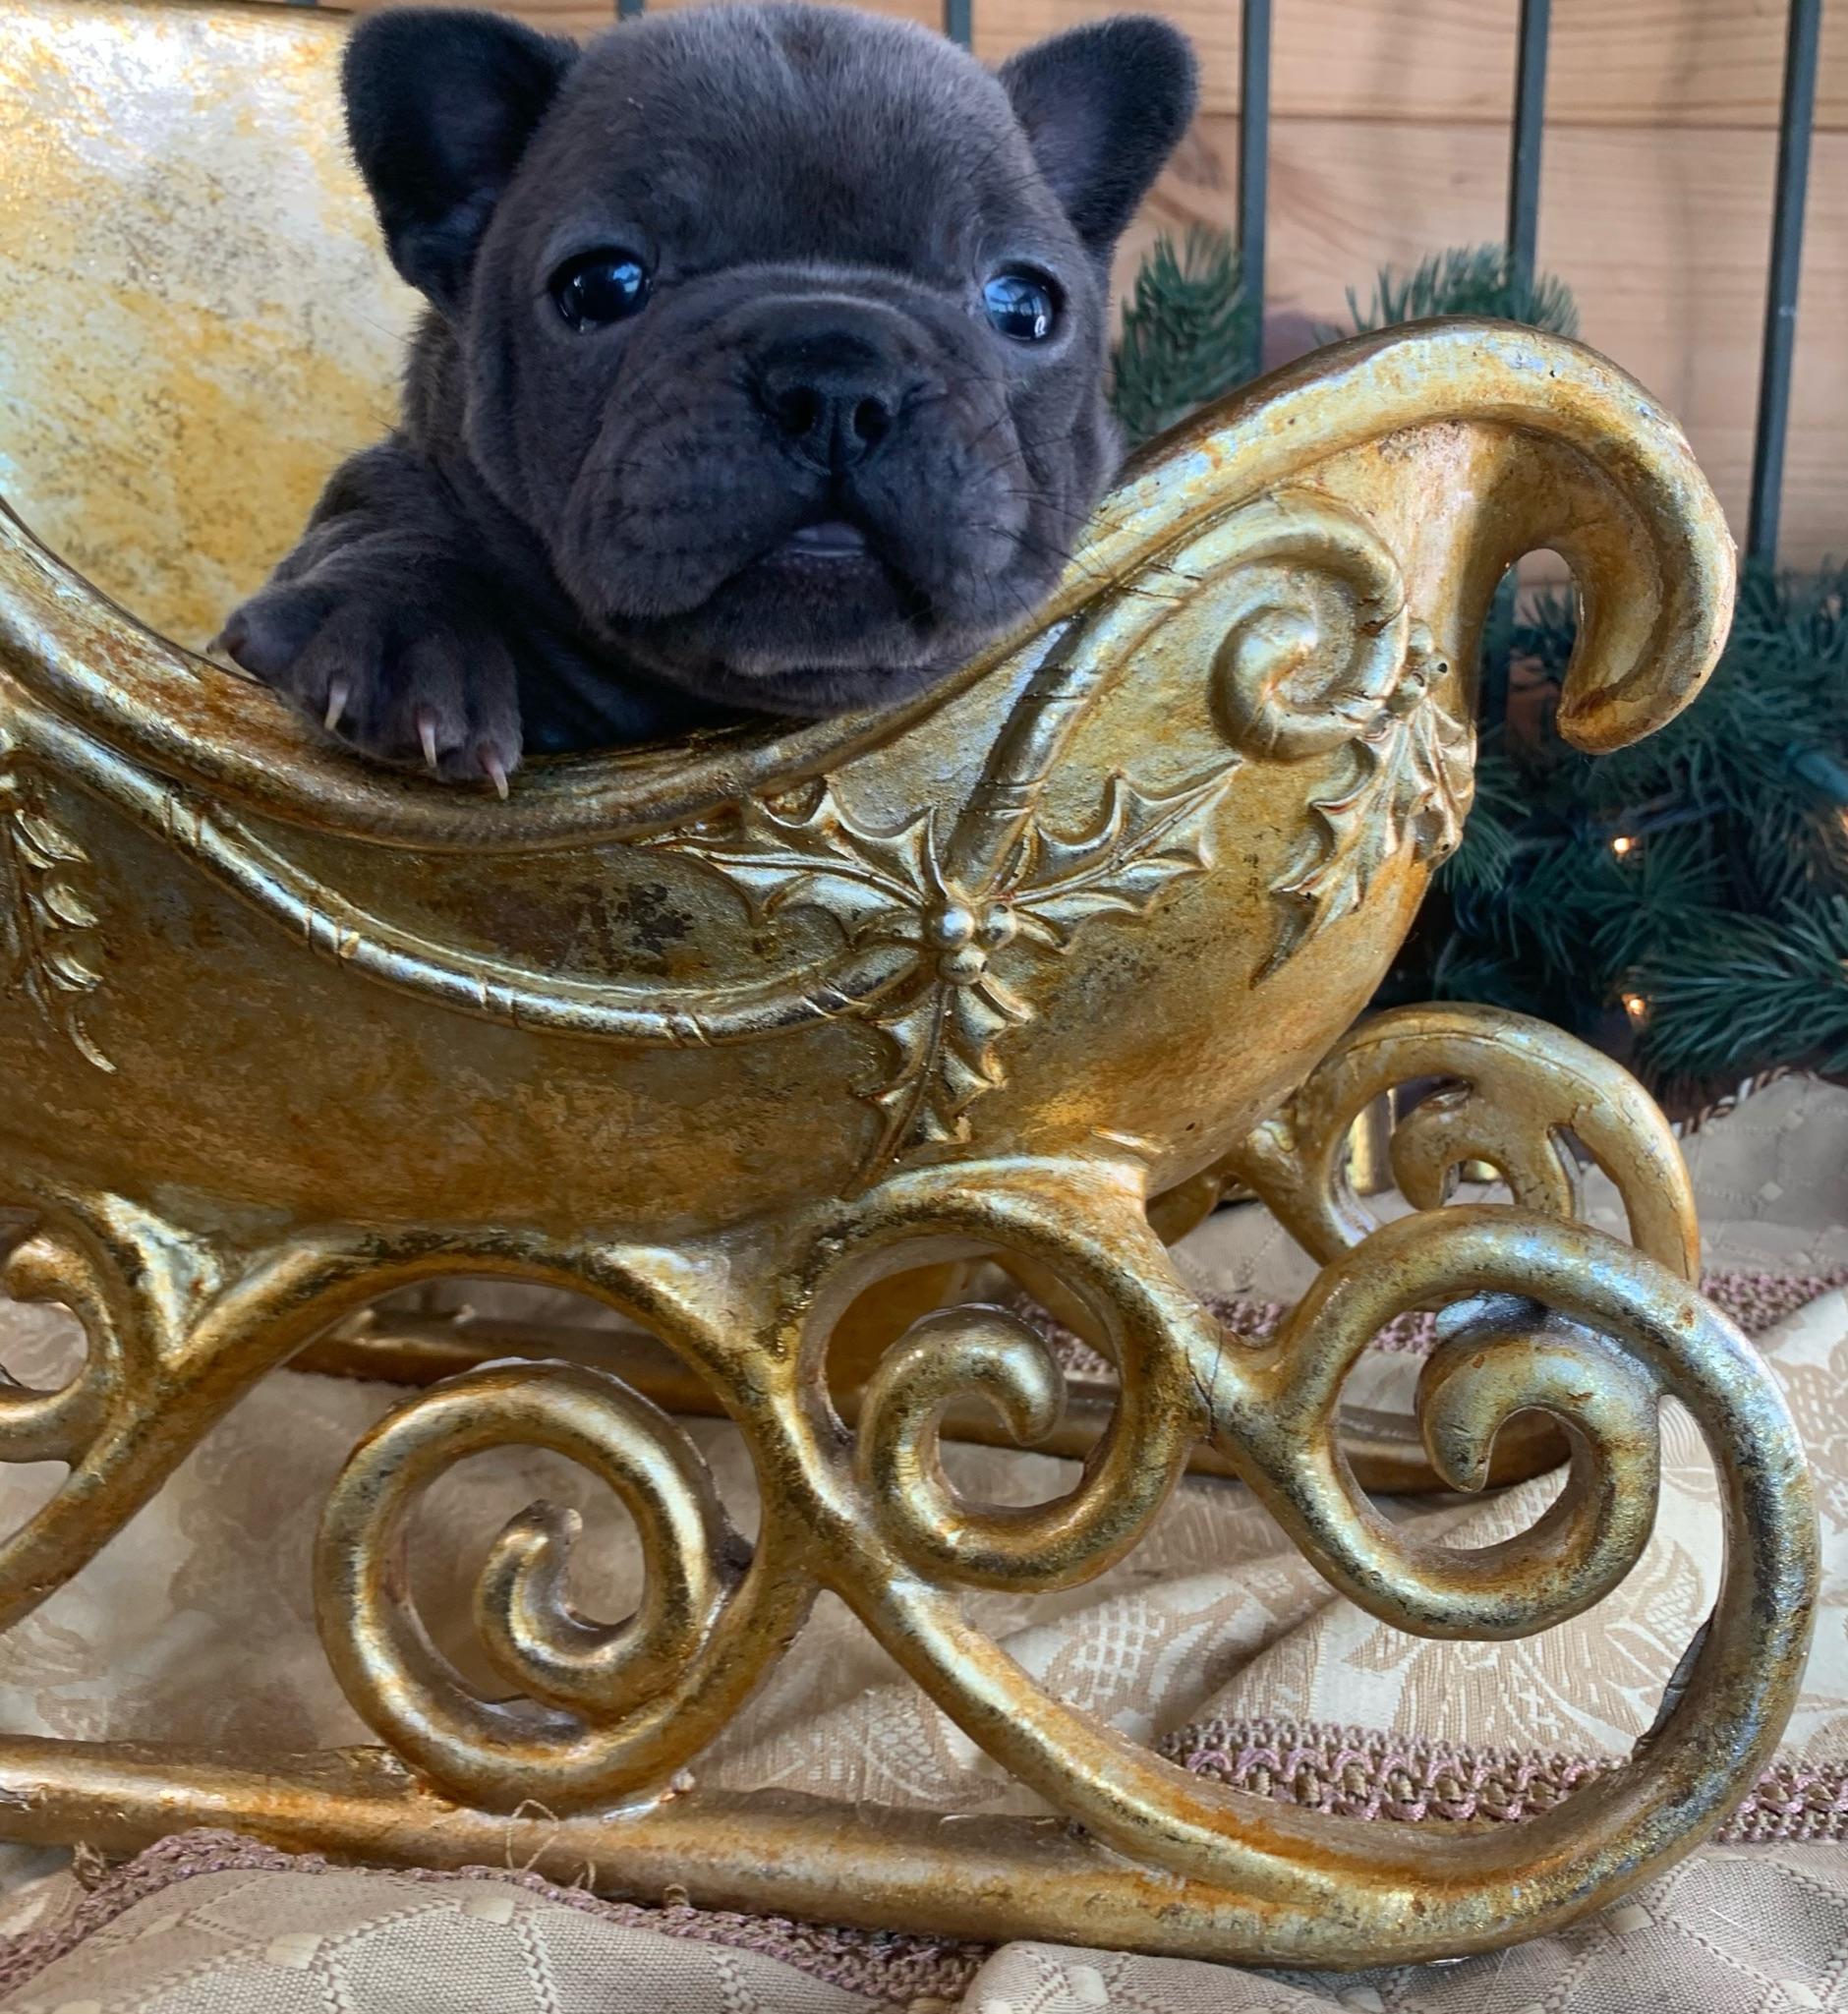 Blue Female French Bulldog: Cuddles